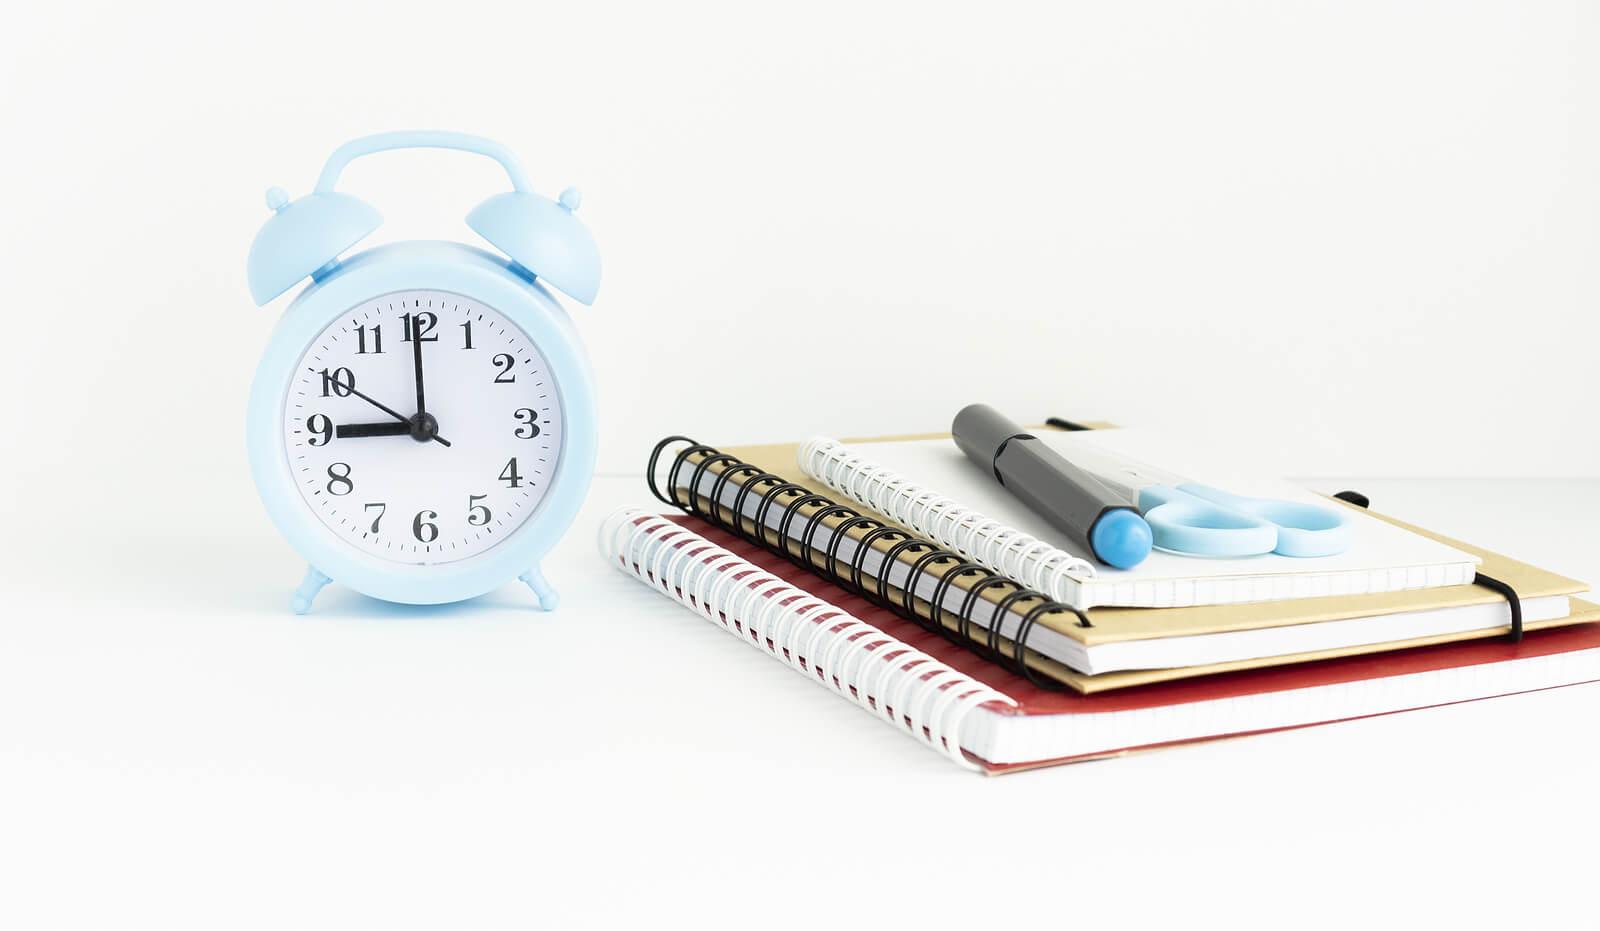 Agenda y cuadernos escolares para nuevo curso.